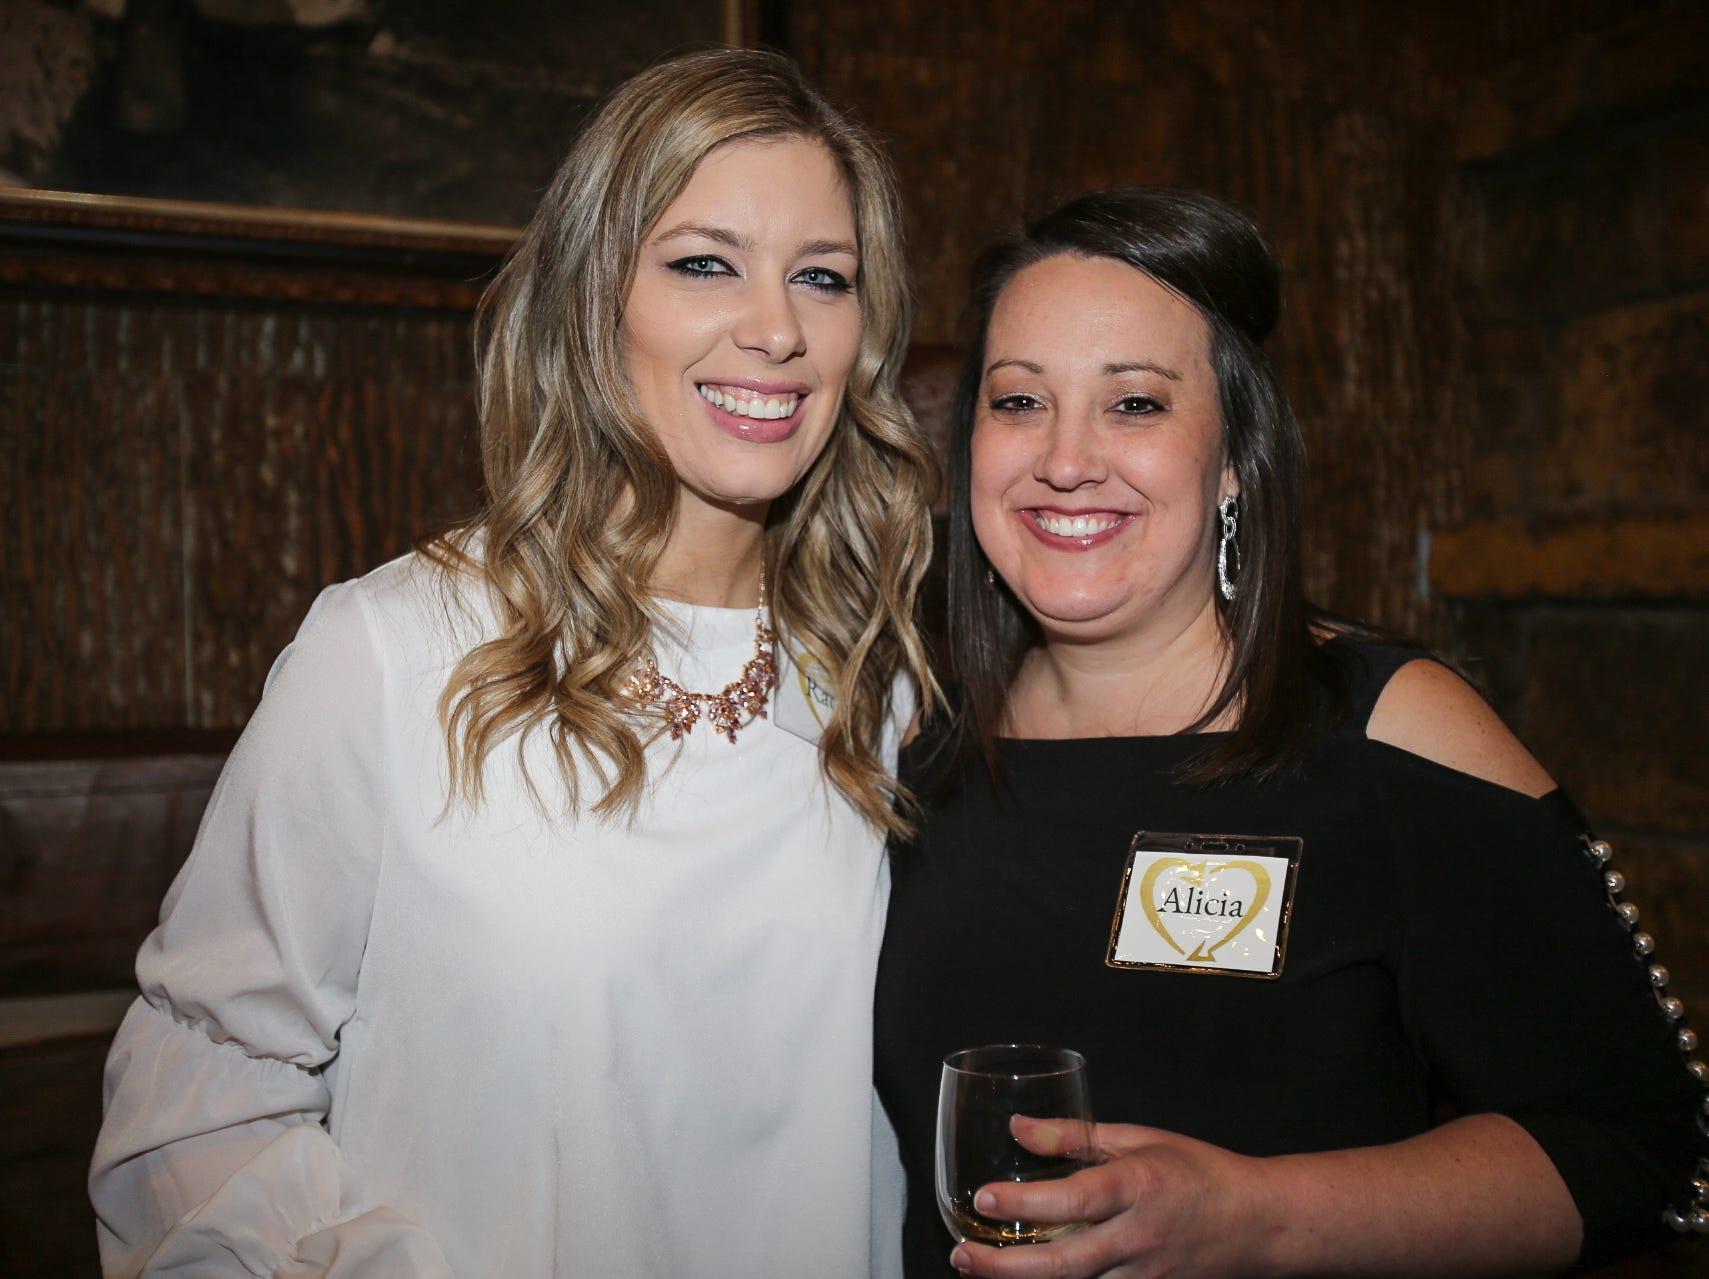 Rachel and Alicia